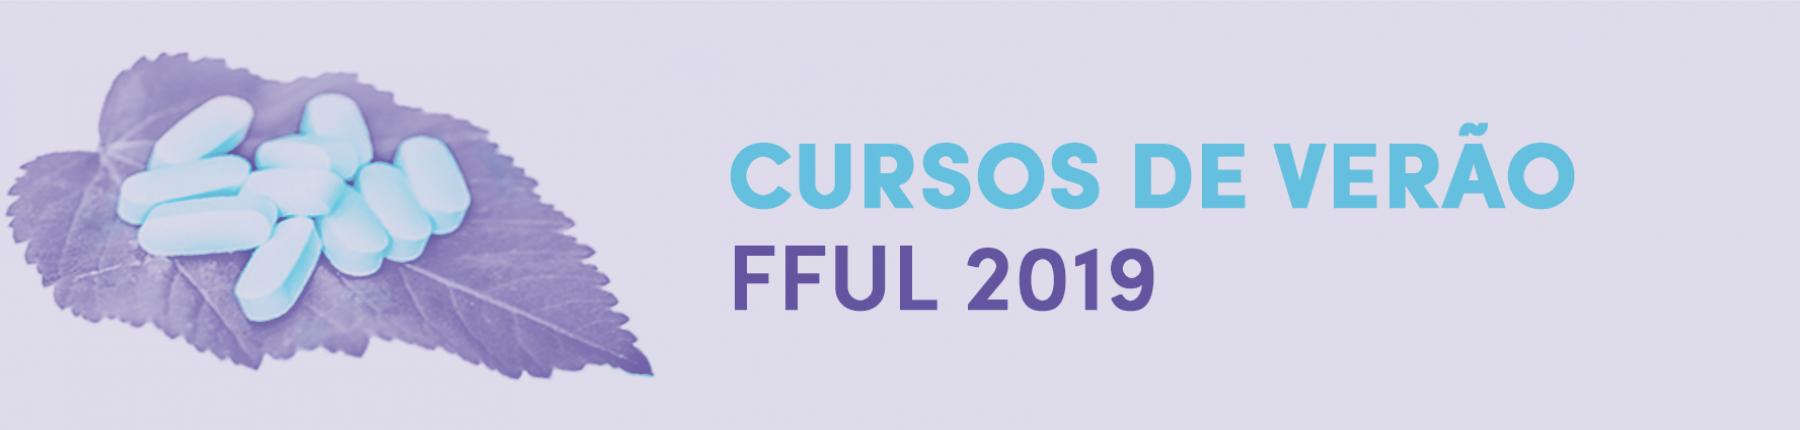 https://www.ff.ulisboa.pt/wp-content/uploads/2019/06/cursos-de-verao-fful-2019Banner-site-novo-copy-3-375x430.png